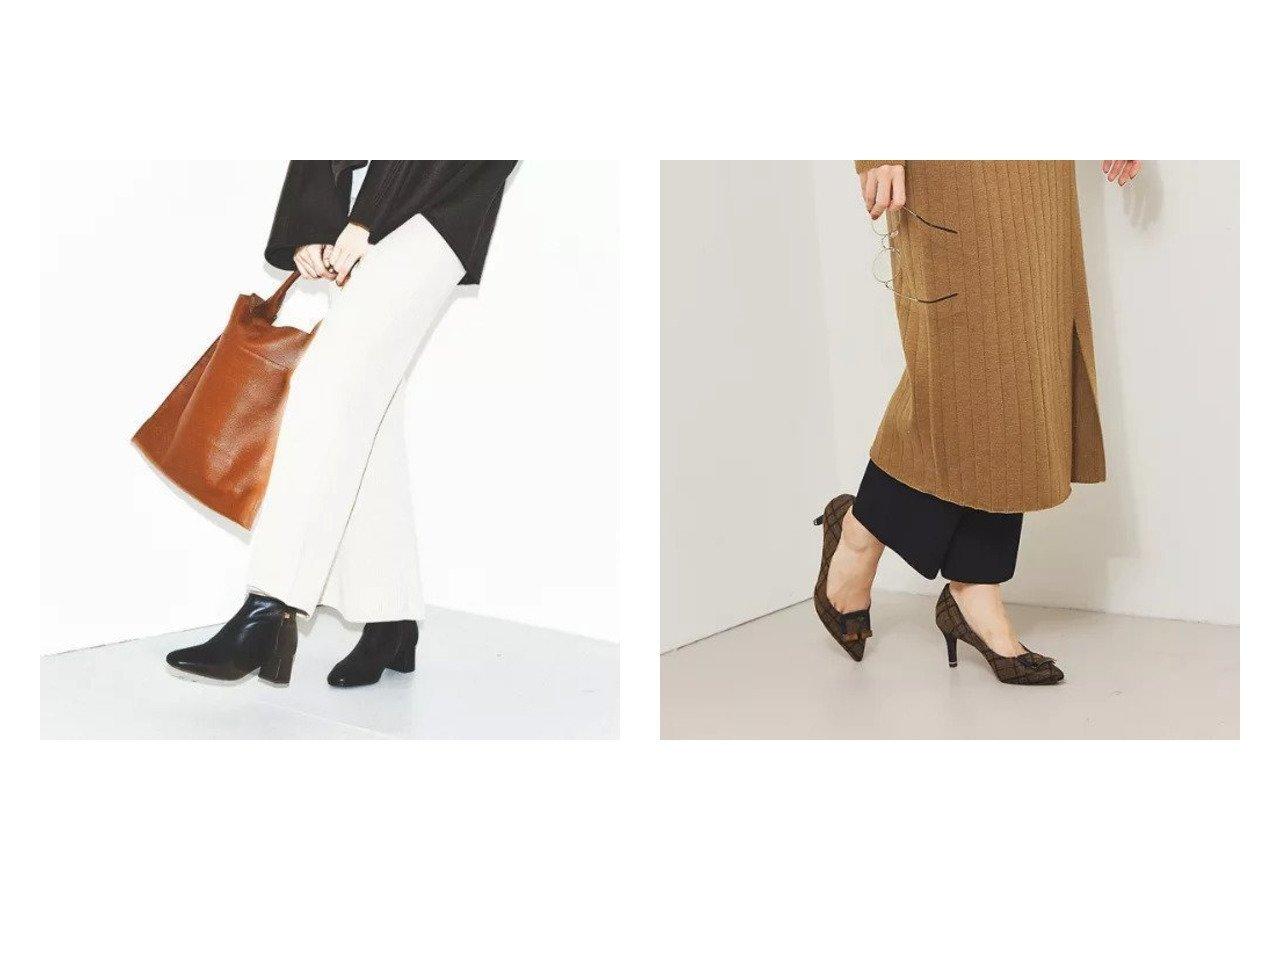 【Piche Abahouse/ピシェ アバハウス】のプレートモチーフパンプス&【スノーソール】5cmスクエアトゥショートブーツ シューズ・靴のおすすめ!人気、トレンド・レディースファッションの通販  おすすめで人気の流行・トレンド、ファッションの通販商品 メンズファッション・キッズファッション・インテリア・家具・レディースファッション・服の通販 founy(ファニー) https://founy.com/ ファッション Fashion レディースファッション WOMEN インソール クッション シューズ 人気 ミドル 楽ちん チェック ブロック プレート モチーフ ワンポイント 今季 |ID:crp329100000010852